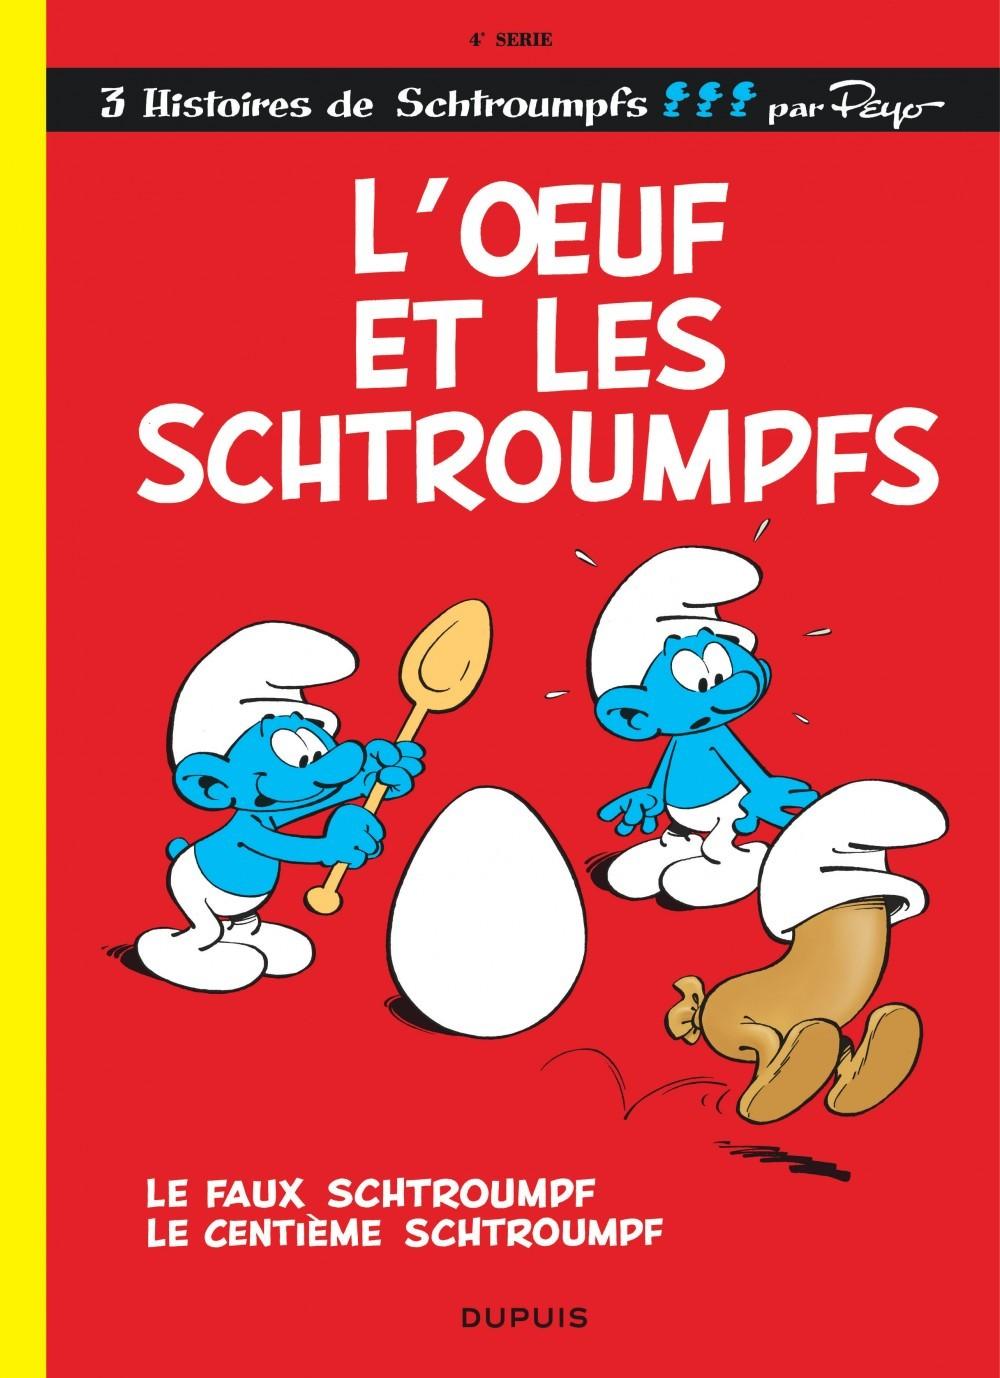 SCHTROUMPFS (DUPUIS) - LES SCHTROUMPFS - TOME 4 - L'?UF ET LES SCHTROUMPFS